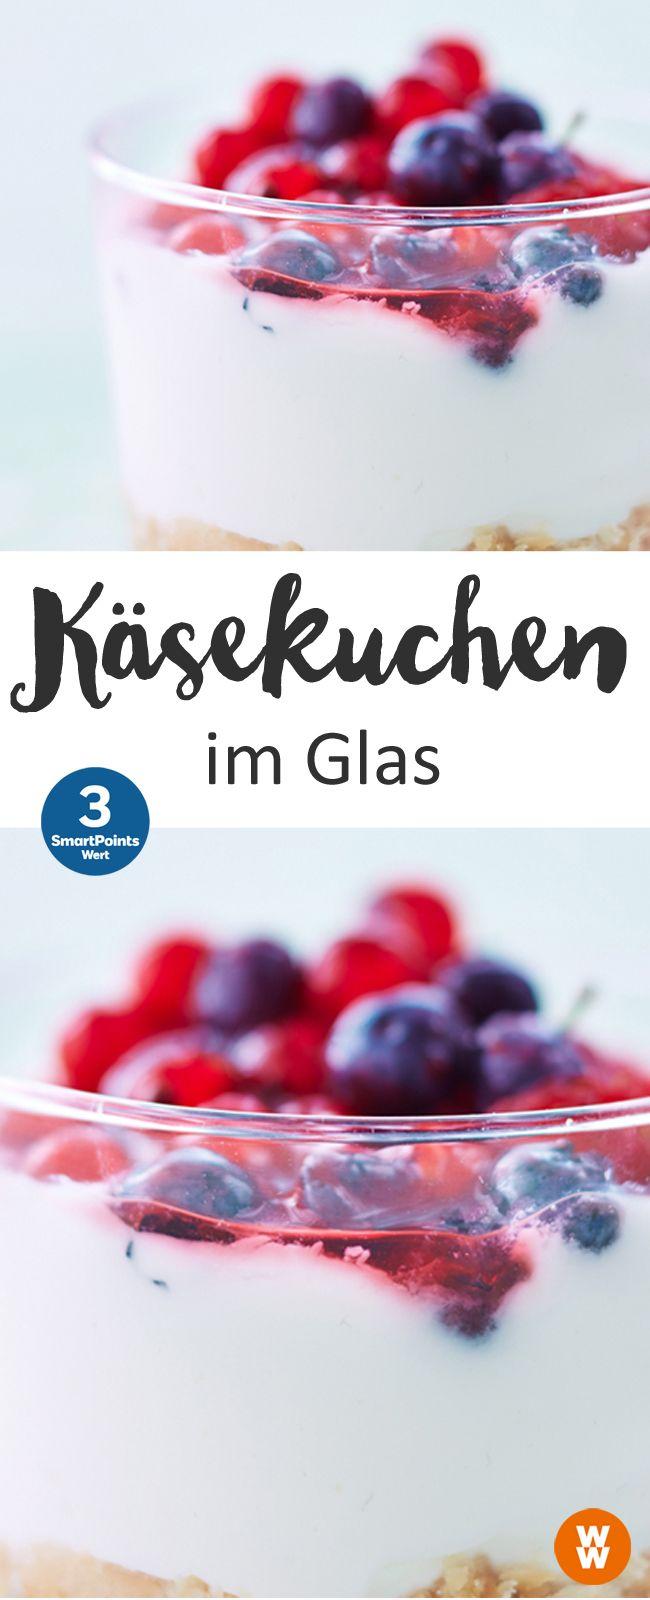 Käsekuchen im Glas #diet